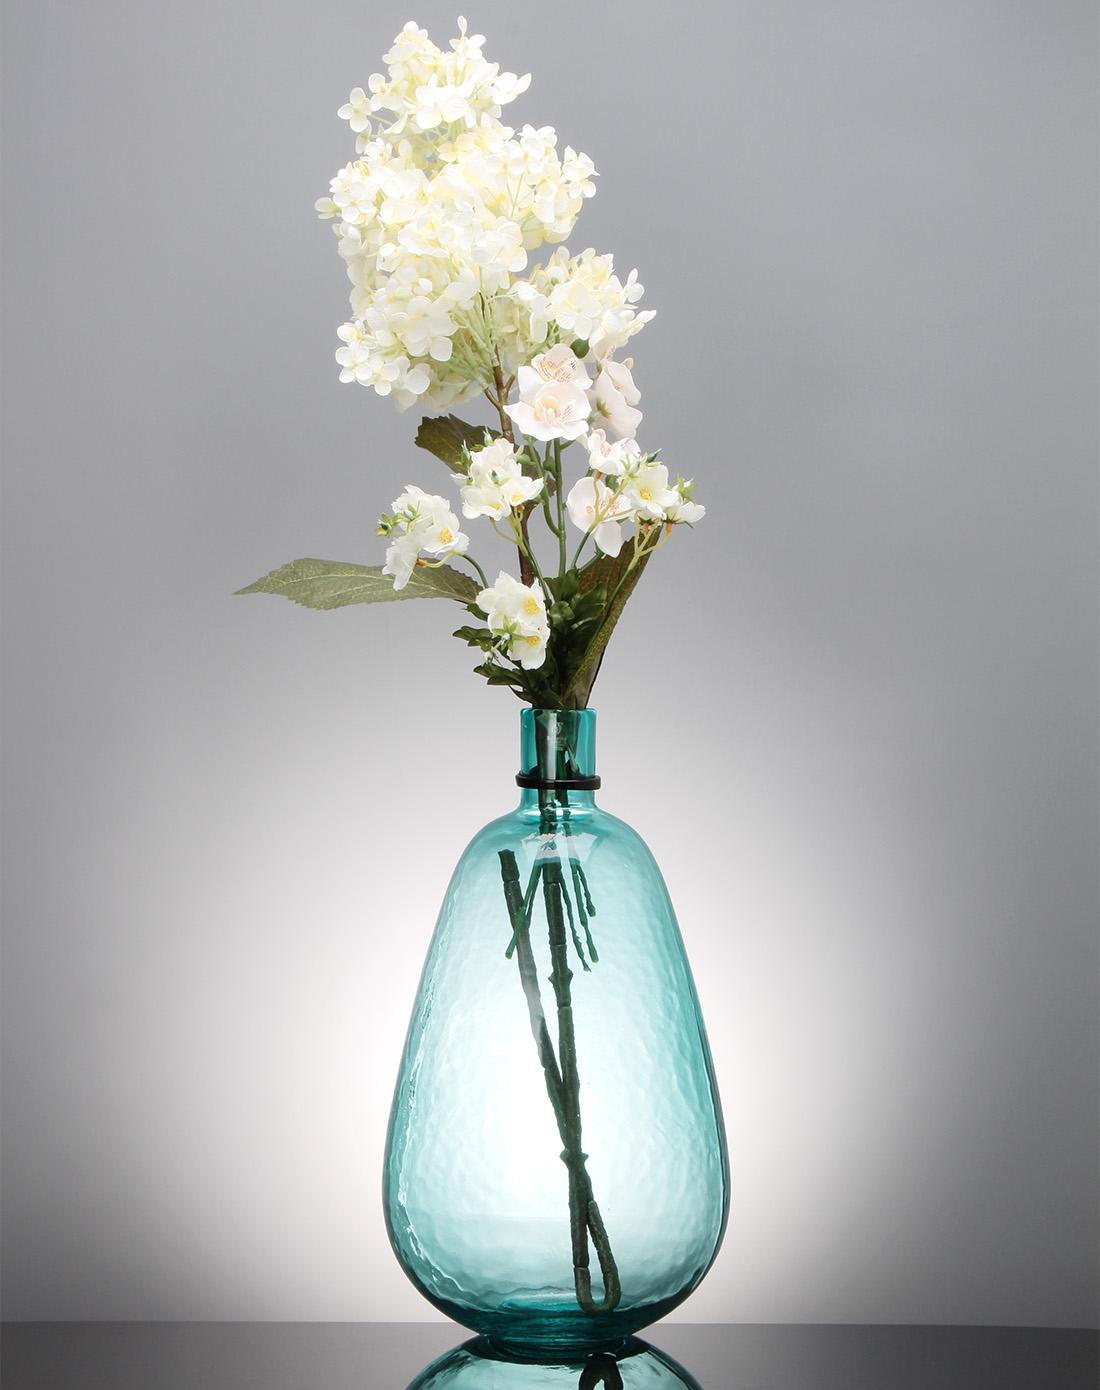 蓝绿色半透明弧形单枝插花花瓶